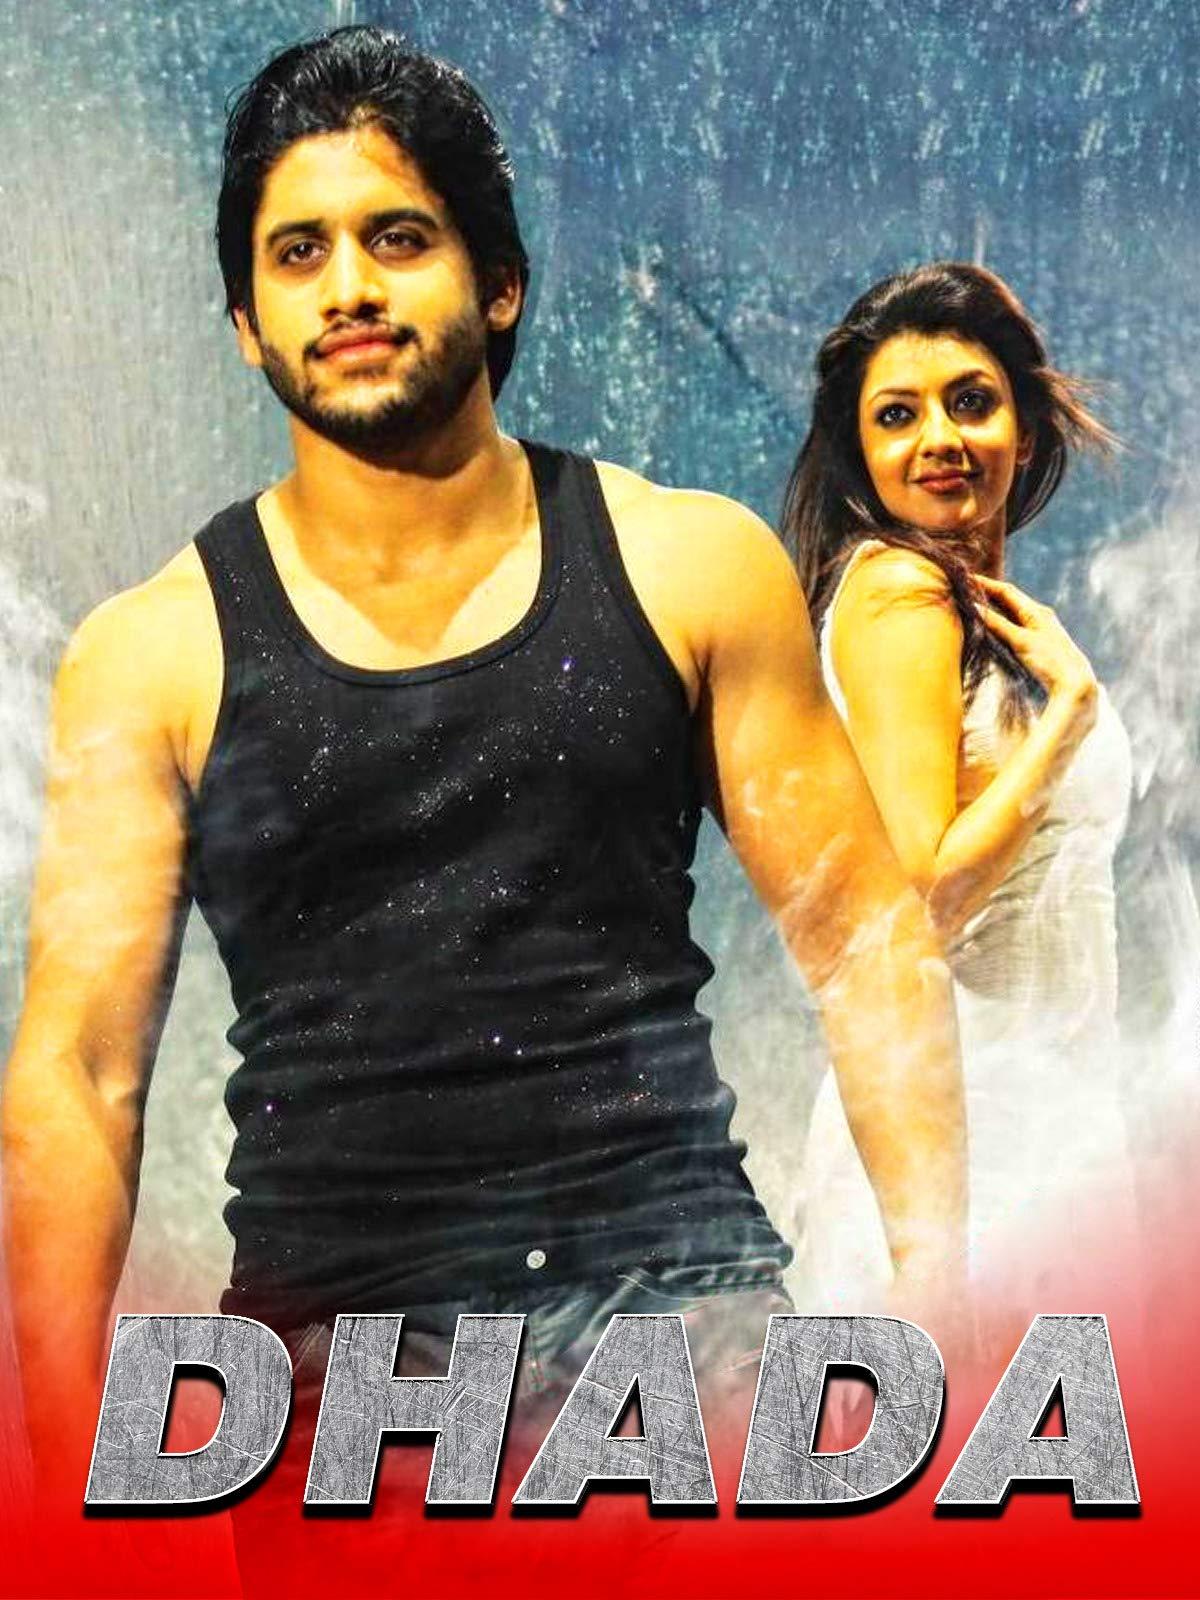 Dhada (Hindi)